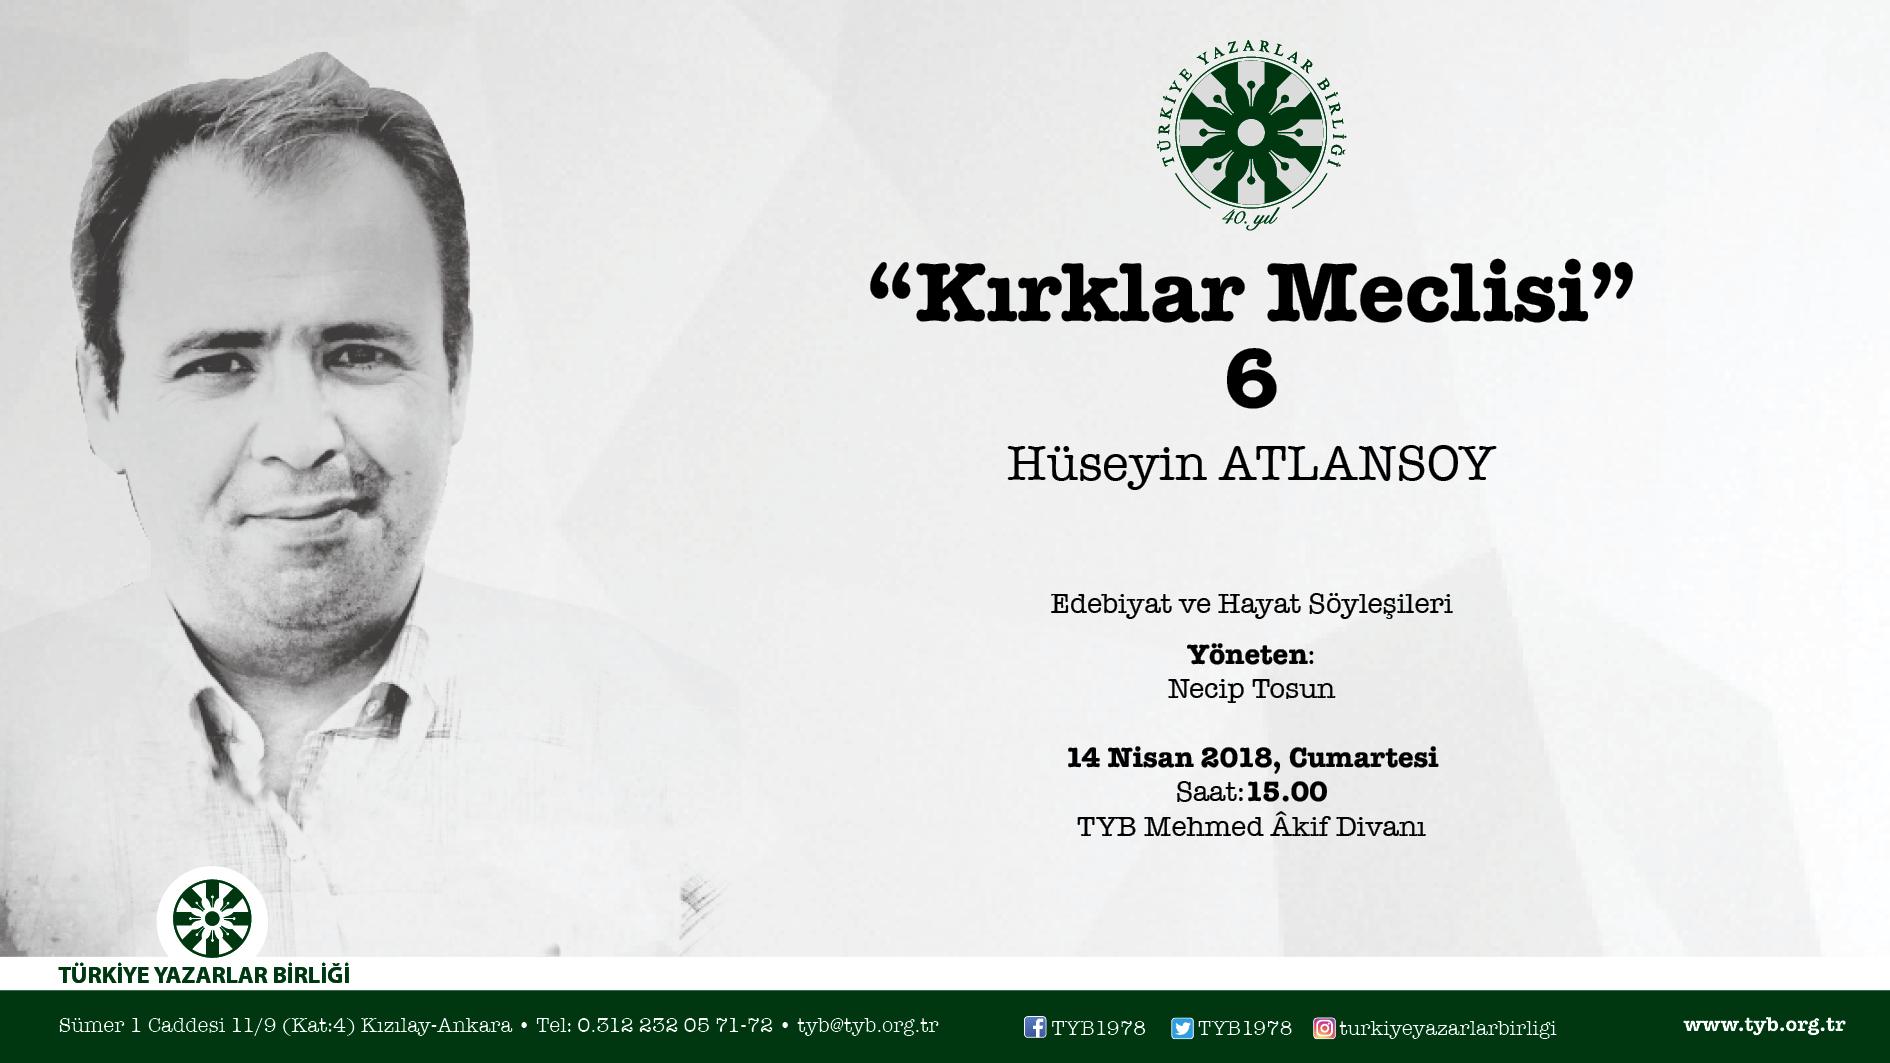 Şair Hüseyin Atlansoy, 40'lar Meclisi'nde konuşacak